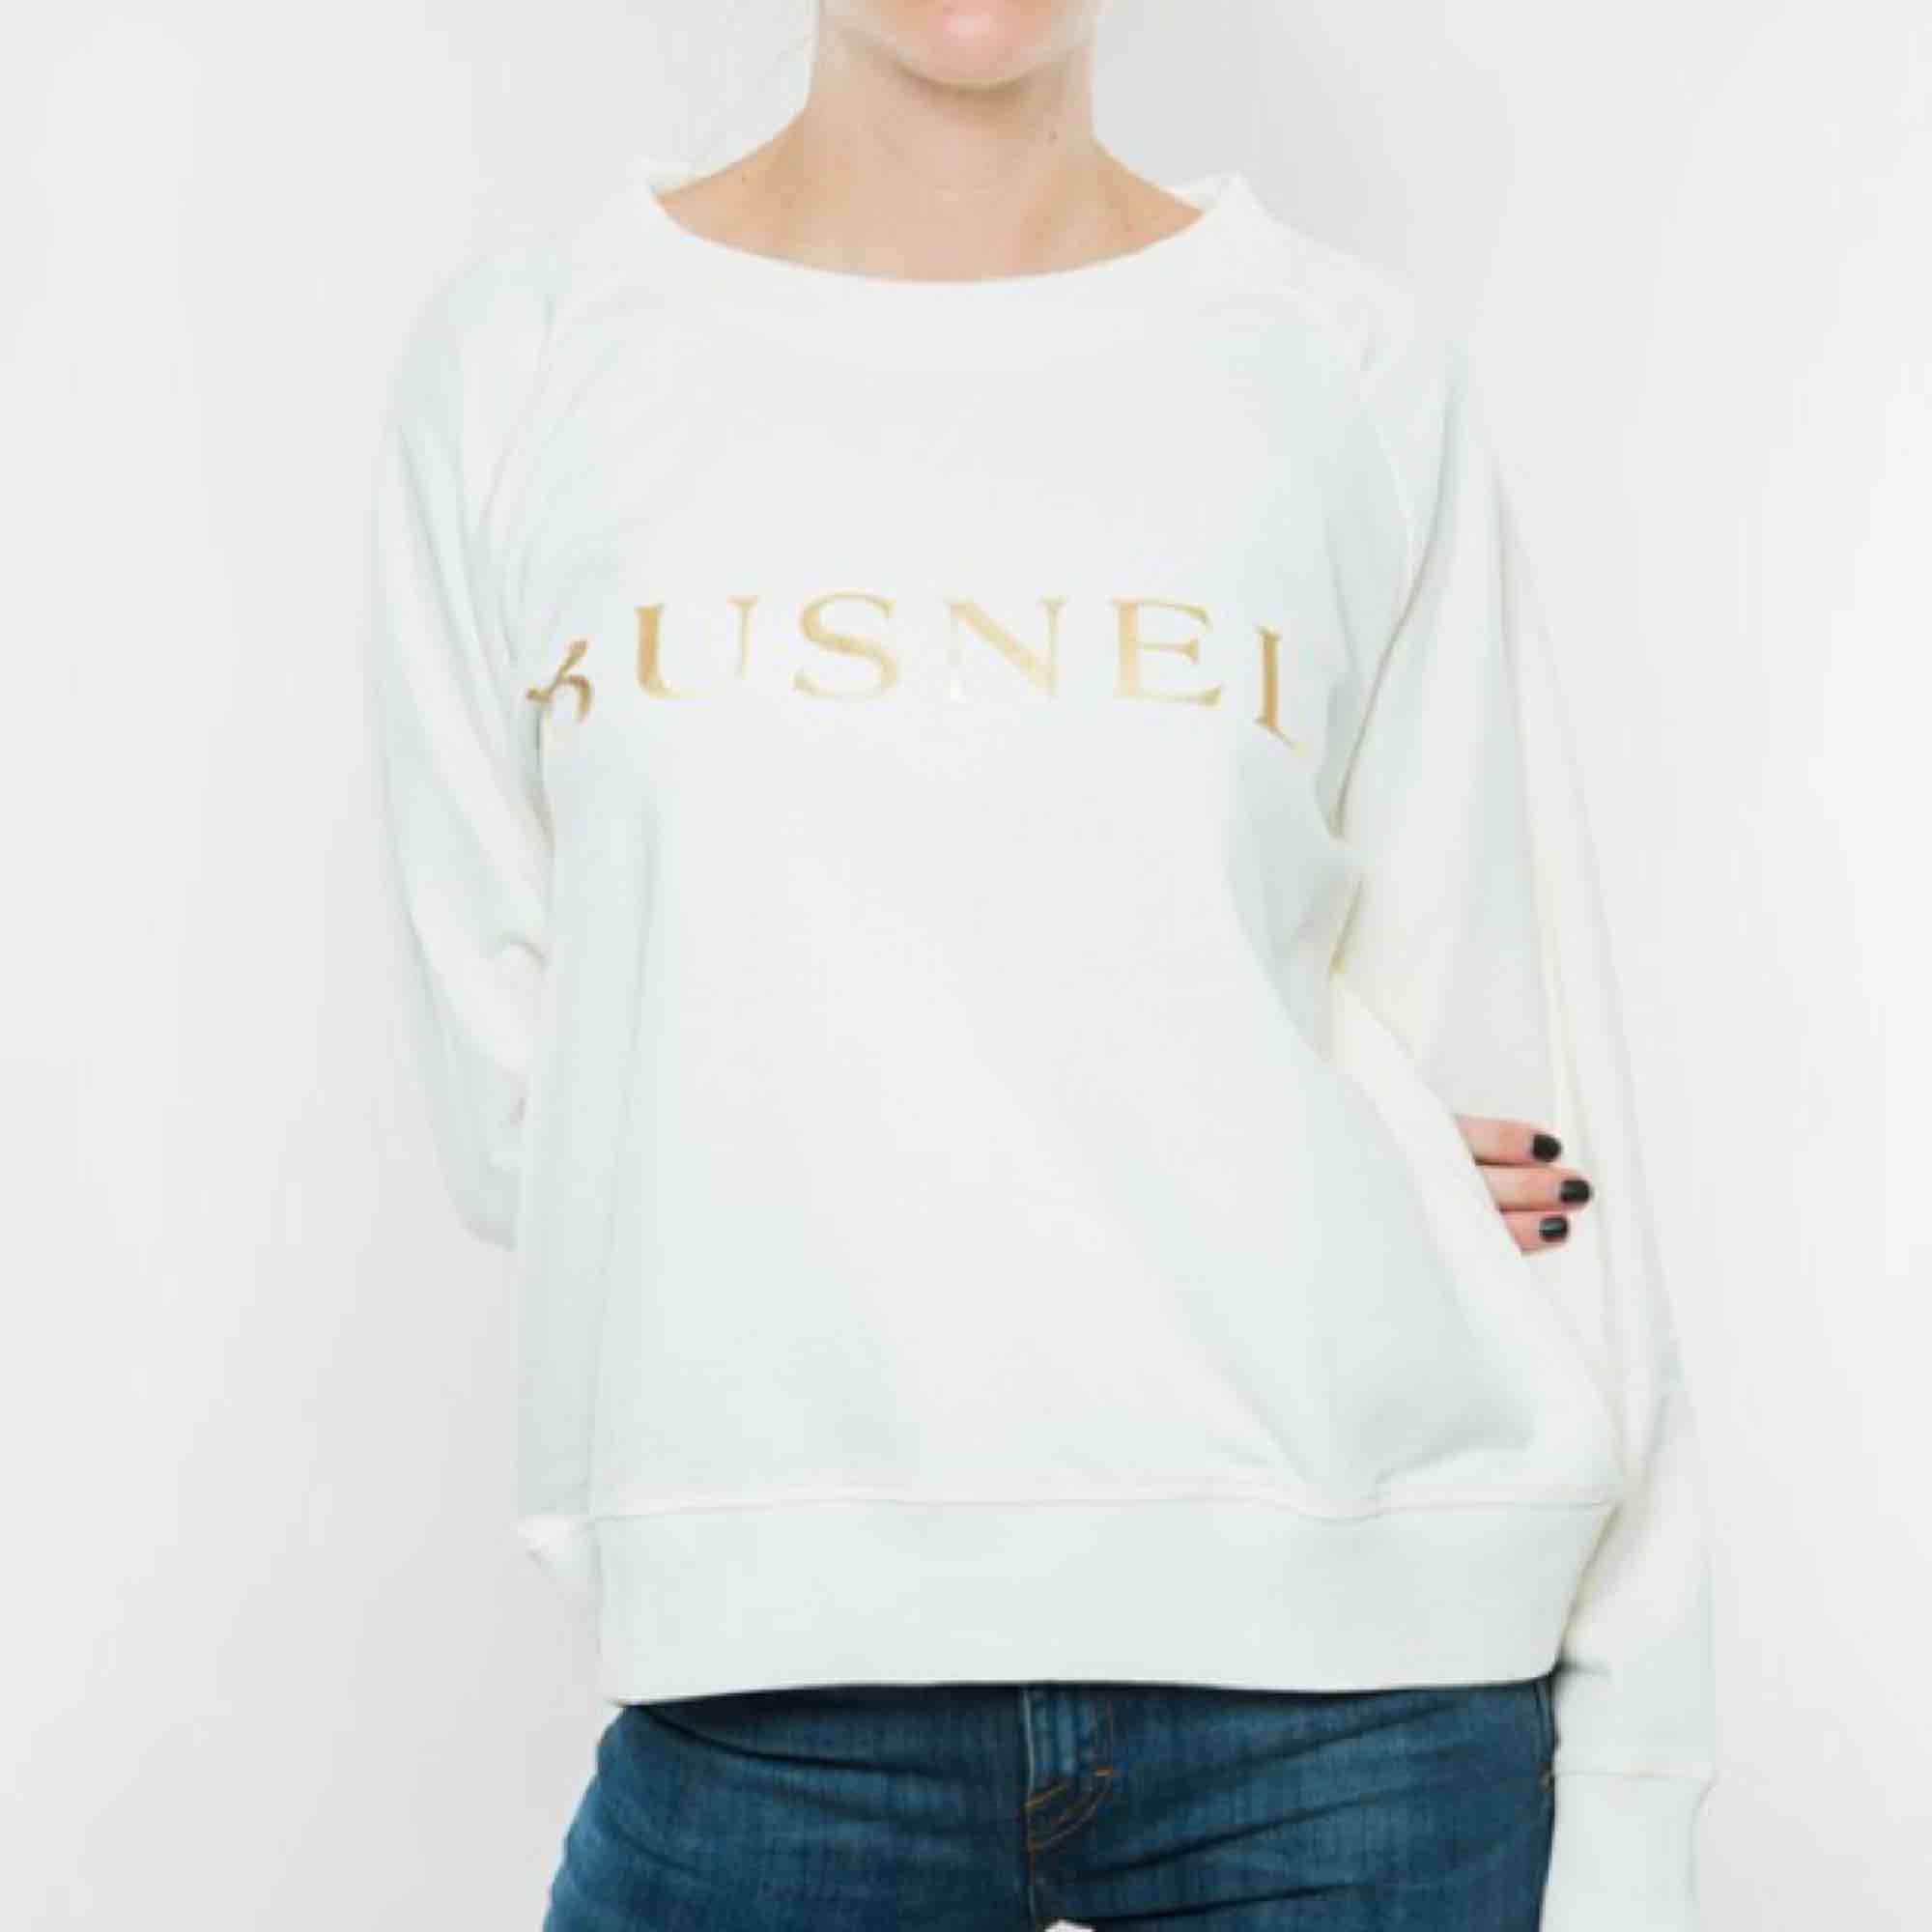 Vit sweatshirt med guldlogo i 100% bomull från Busnel. Relativt liten i storlek, passar S-M. Betalning via Swish, frakt på 58:- tillkommer.. Huvtröjor & Träningströjor.